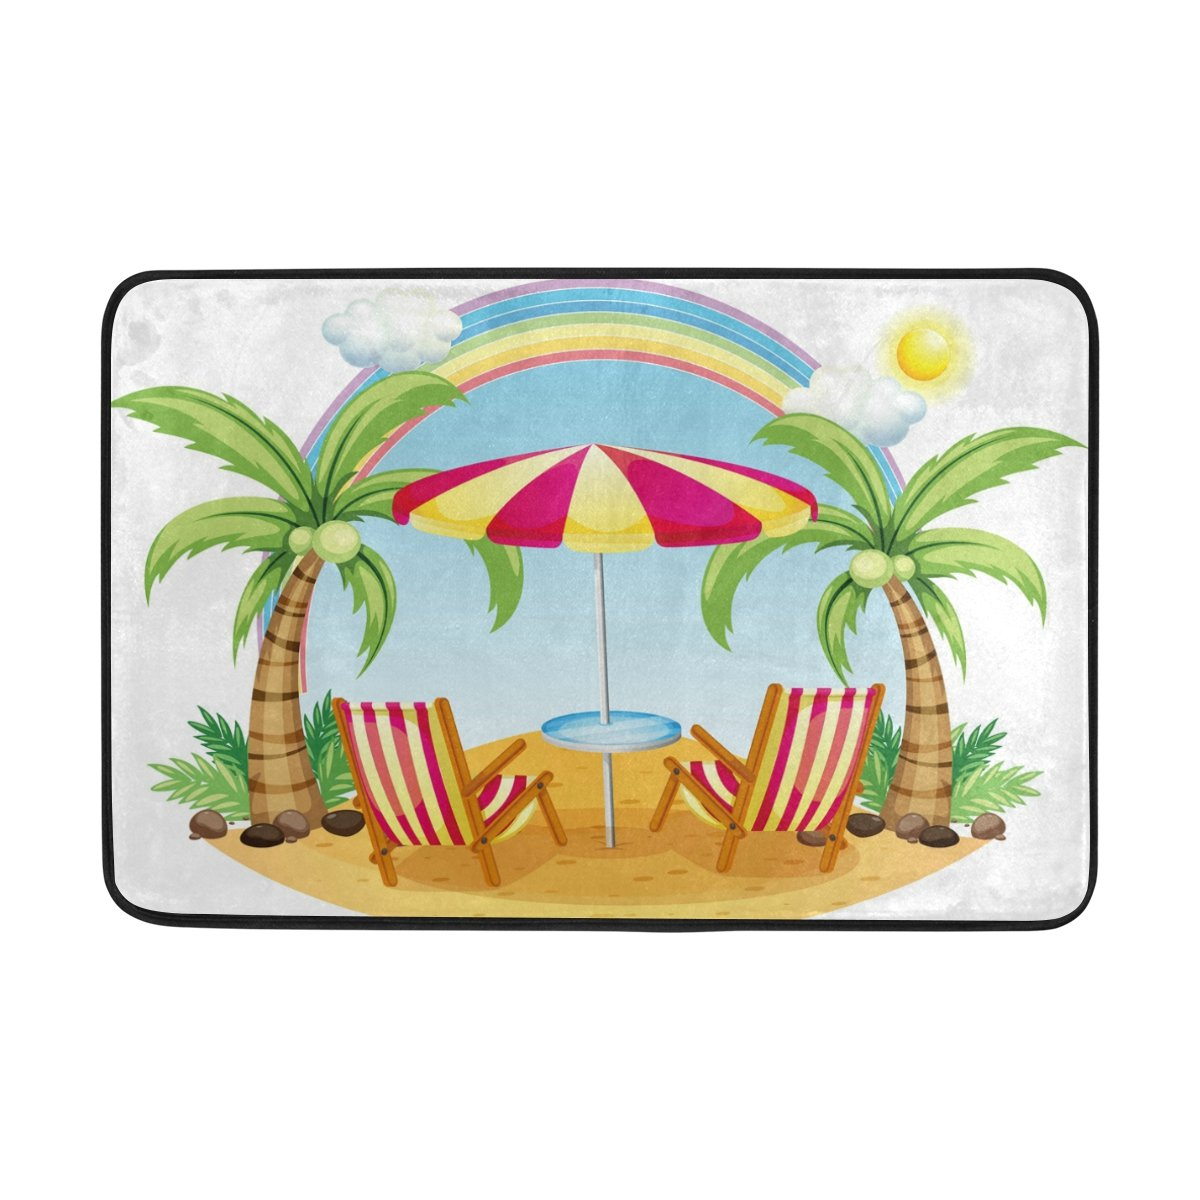 Chen Miranda Seashore Beach Umbrella Chairs Door Mat Carpets Indoor Outdoor Area Rugs Office Door Mat Non-slip for Bedroom Bathroom Living Room Kitchen Home Decorative 23.6x15.7 inch Lightweight